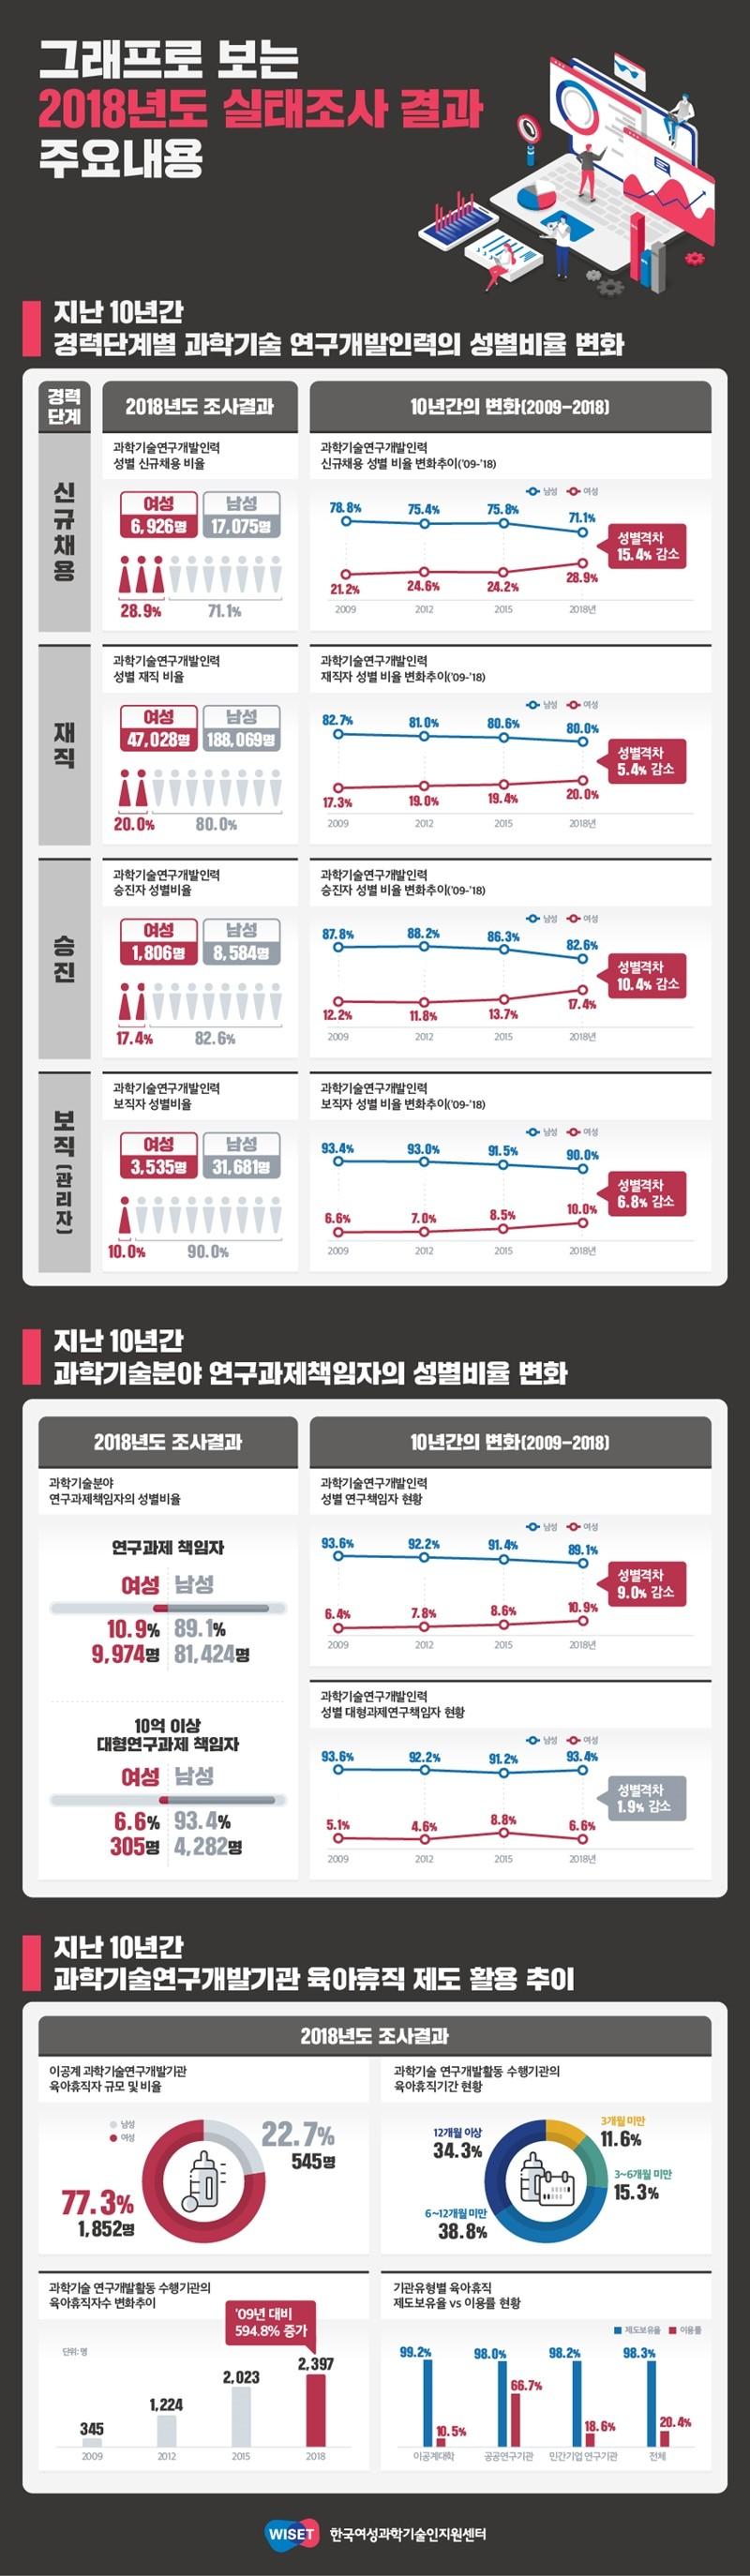 2018년도 한국 여성과학 기술인 실태 조사 인포그래픽, 자료제공=WISET